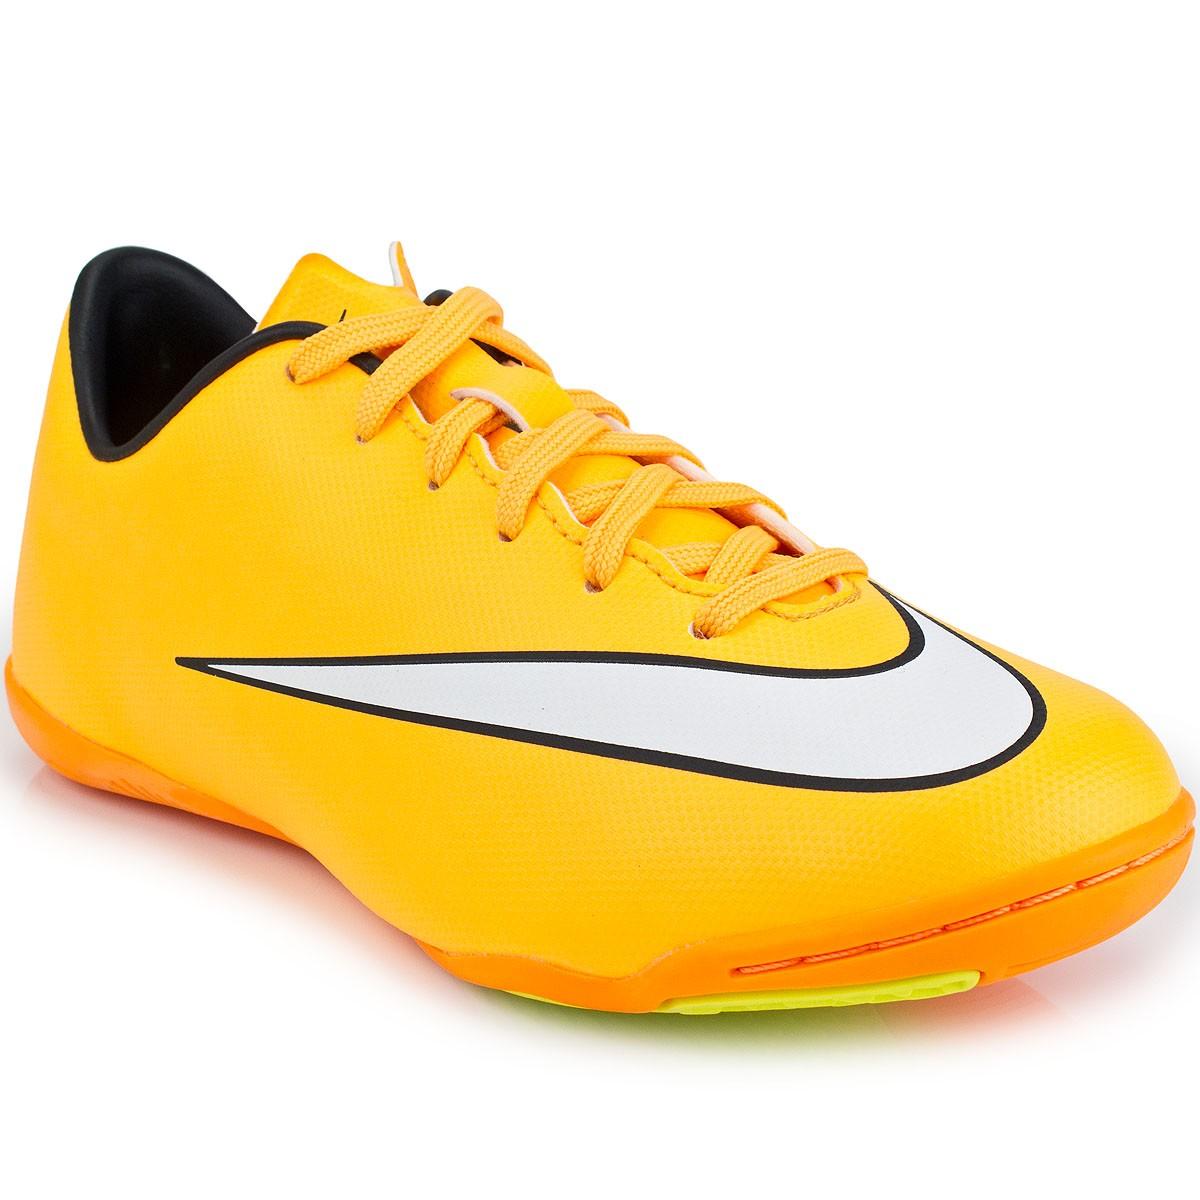 5ce4b23ccf Chuteira Nike Mercurial Victory V IC Jr 651639